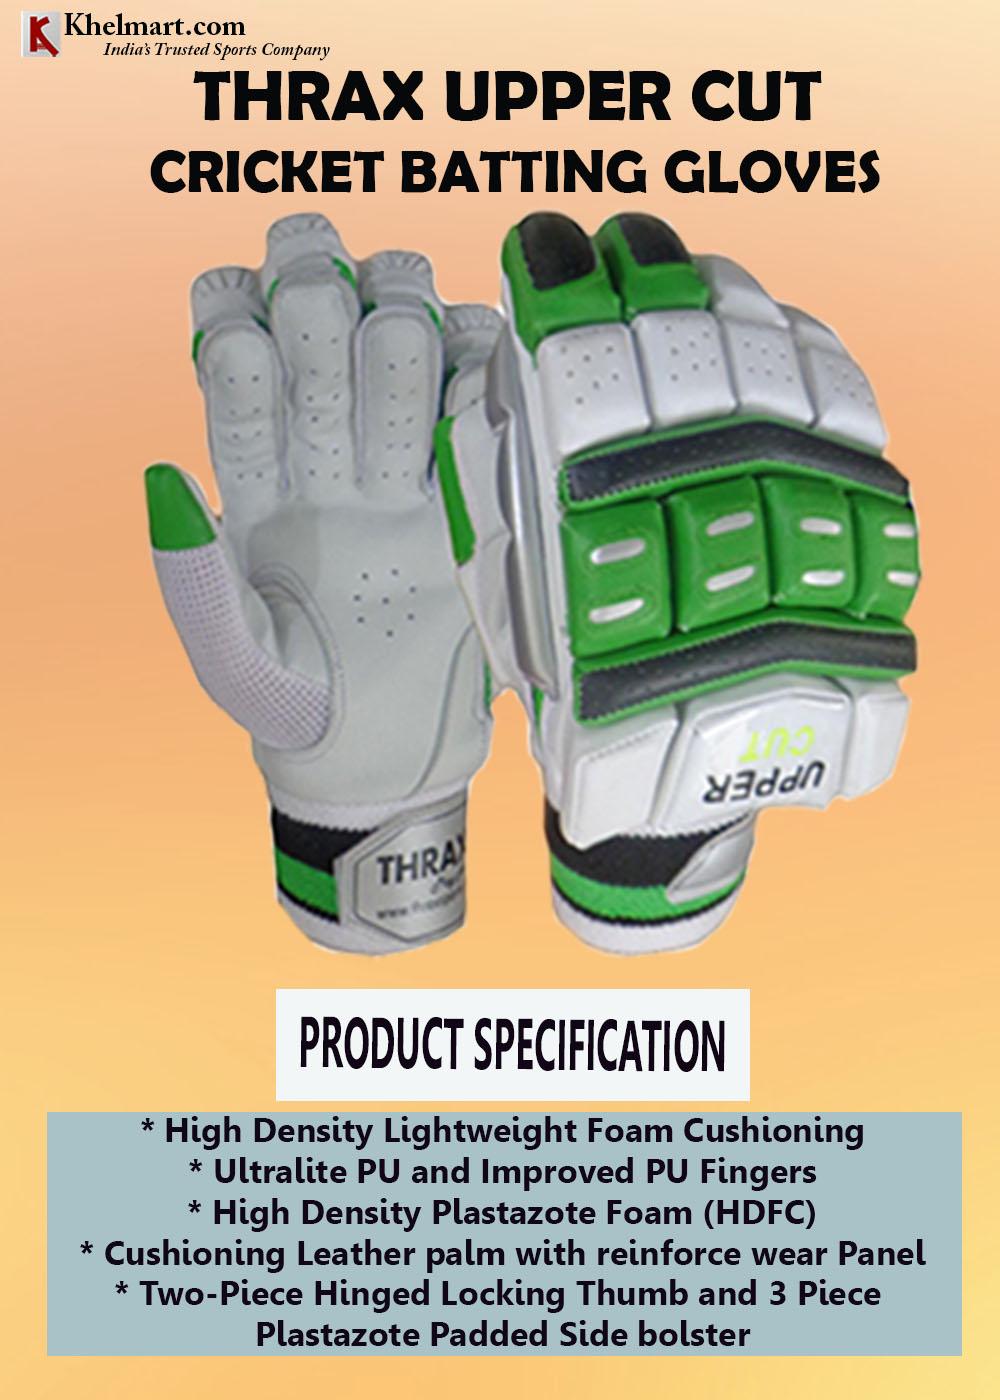 THRAX Upper Cut Cricket Batting Gloves